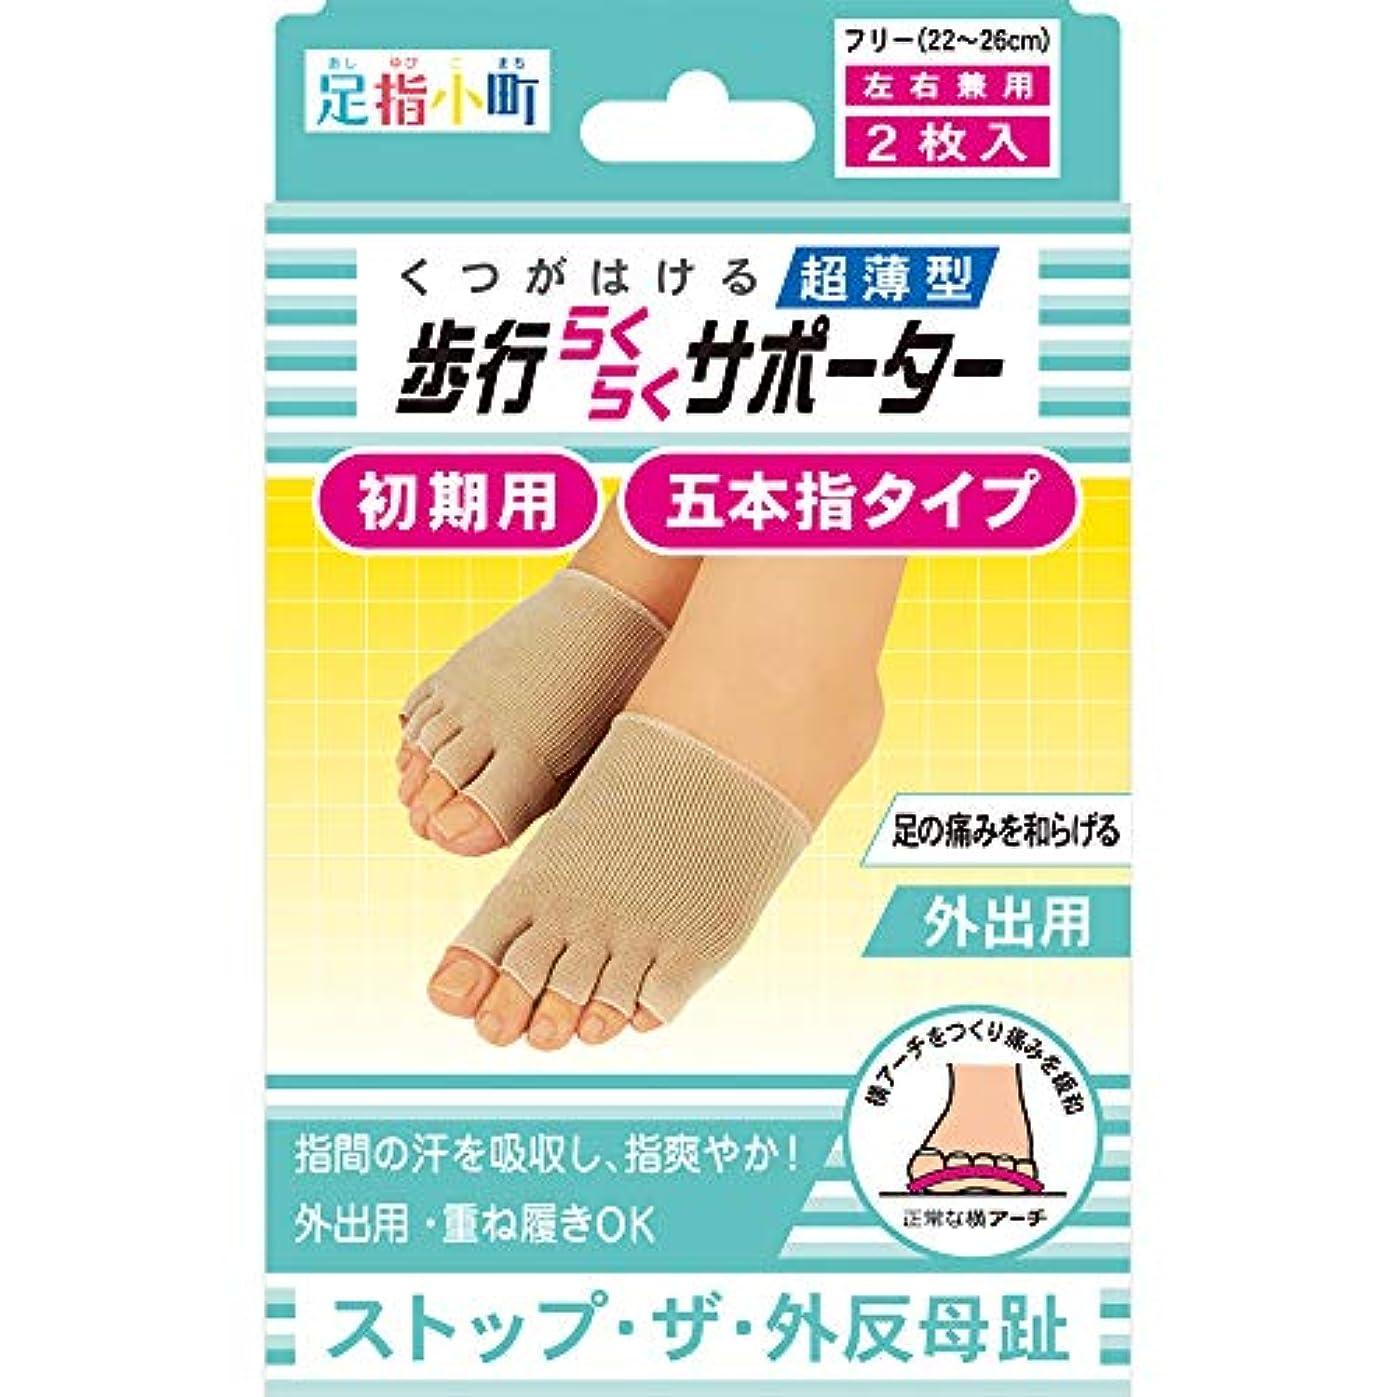 通知する知らせる有害な足指小町 歩行らくらくサポーター 5本指タイプ 足用 2枚入 フリーサイズ (22~26cm) ベージュ